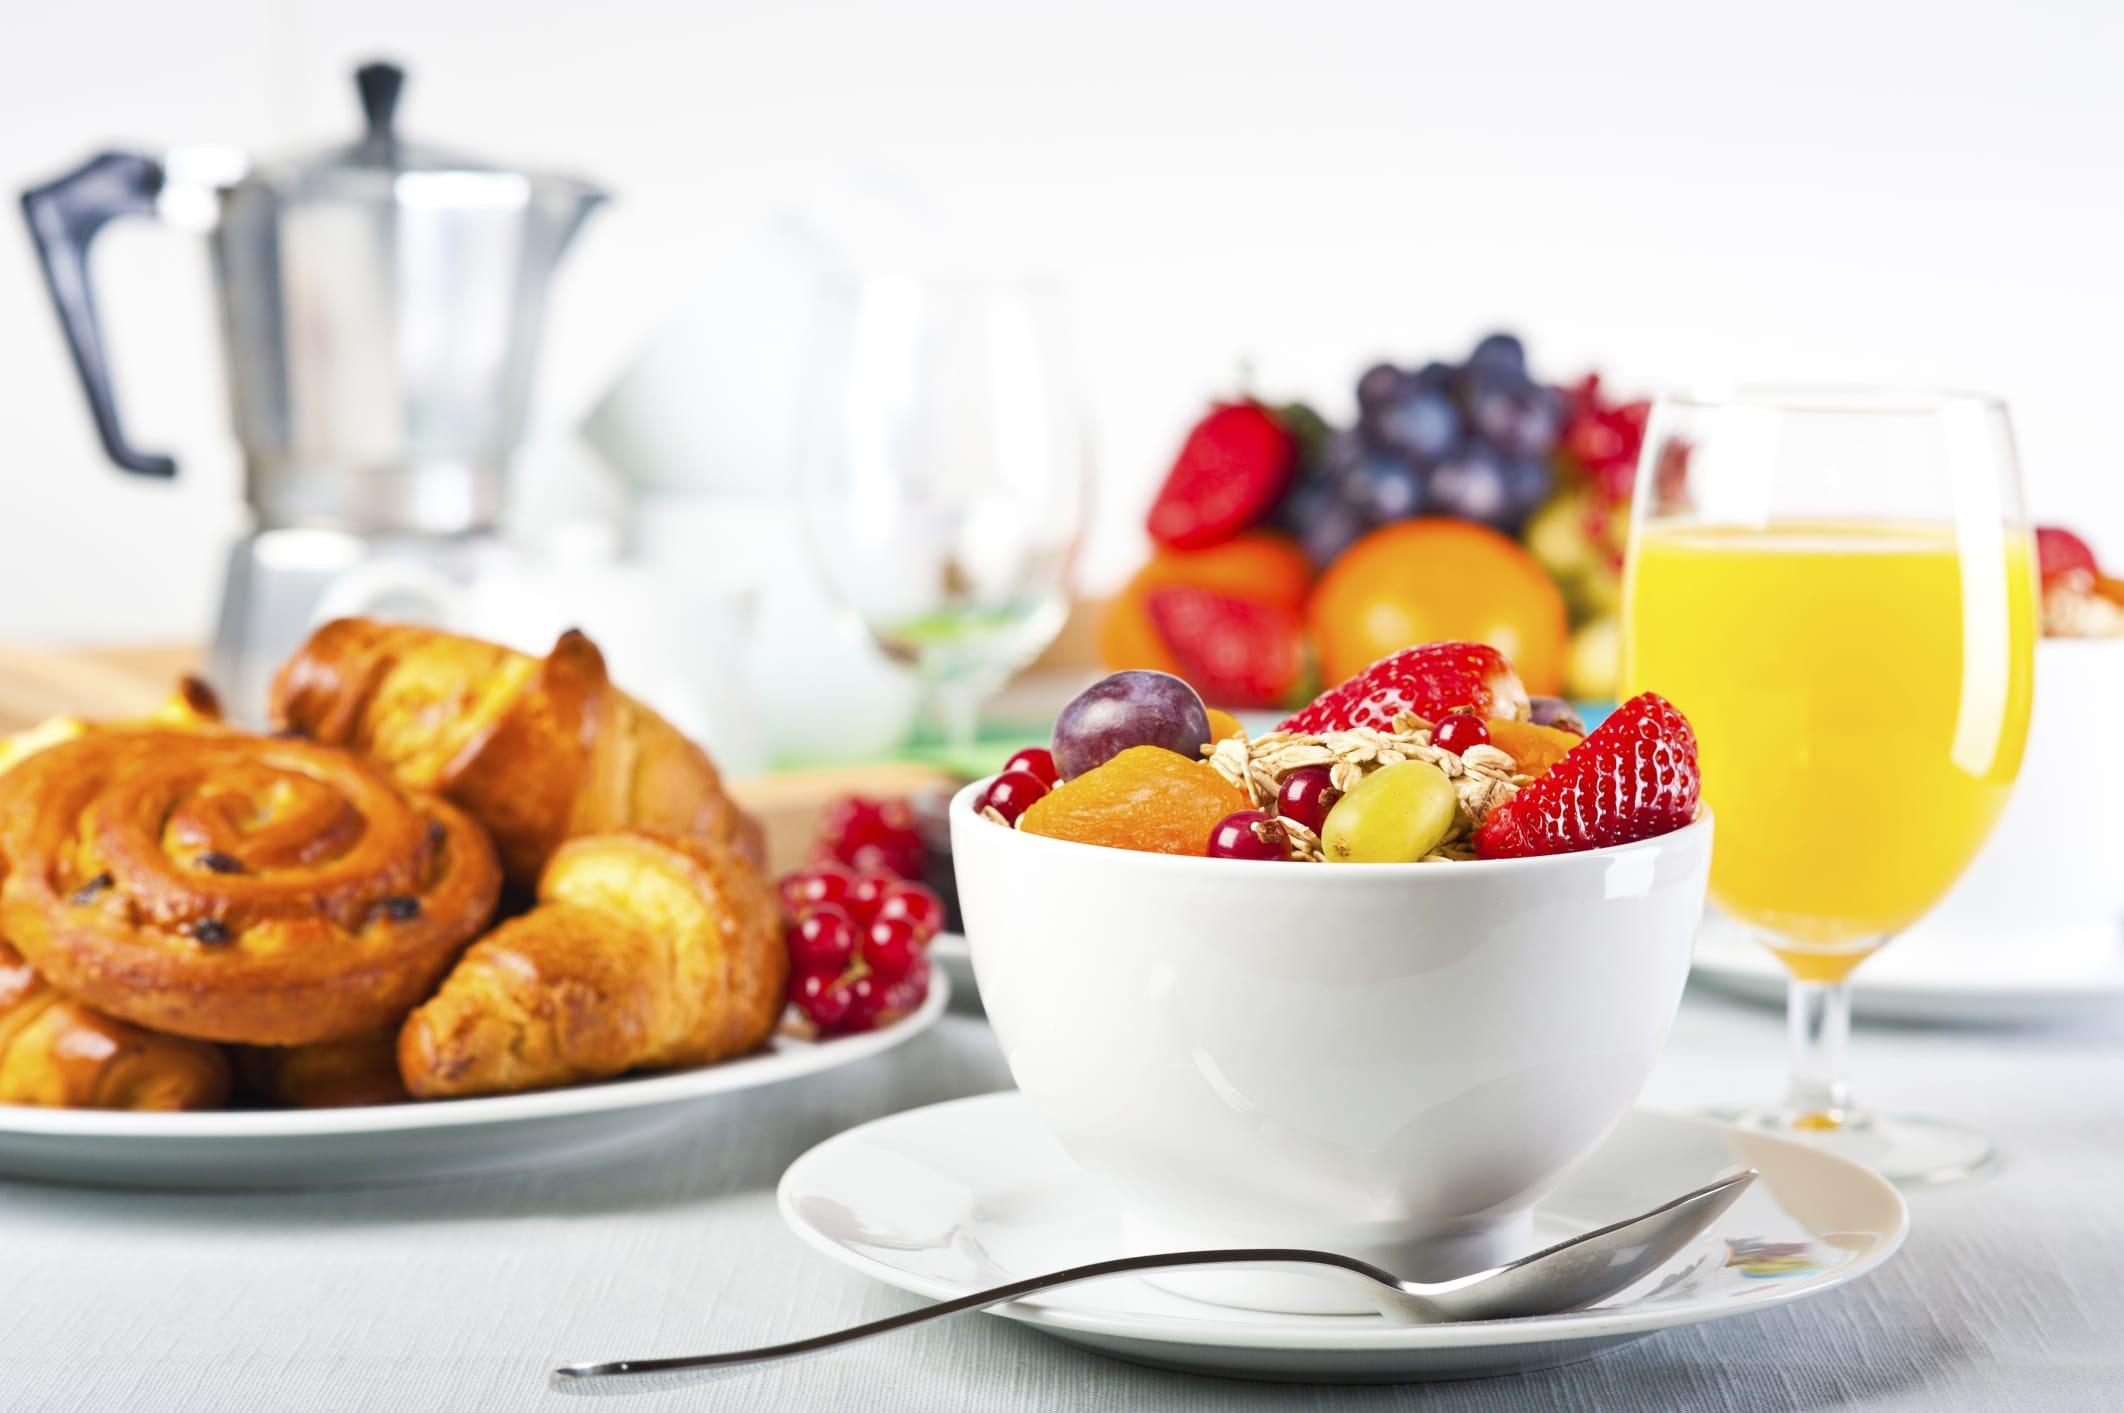 Favori Come fare una colazione corretta: i consigli utili - Non Sprecare QD09